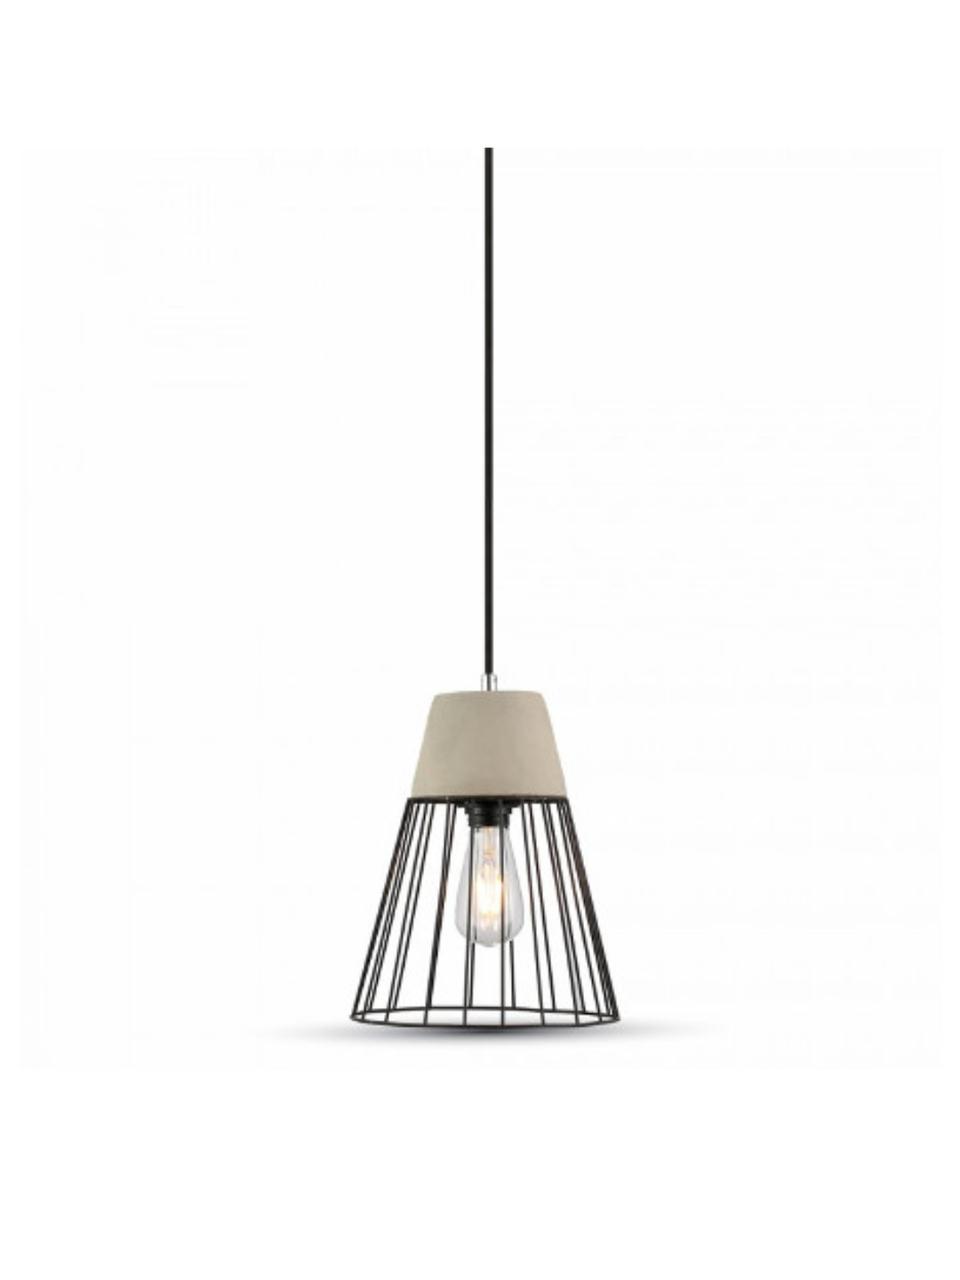 Бетонный подвесной светильник Concrete+Mesh 250мм